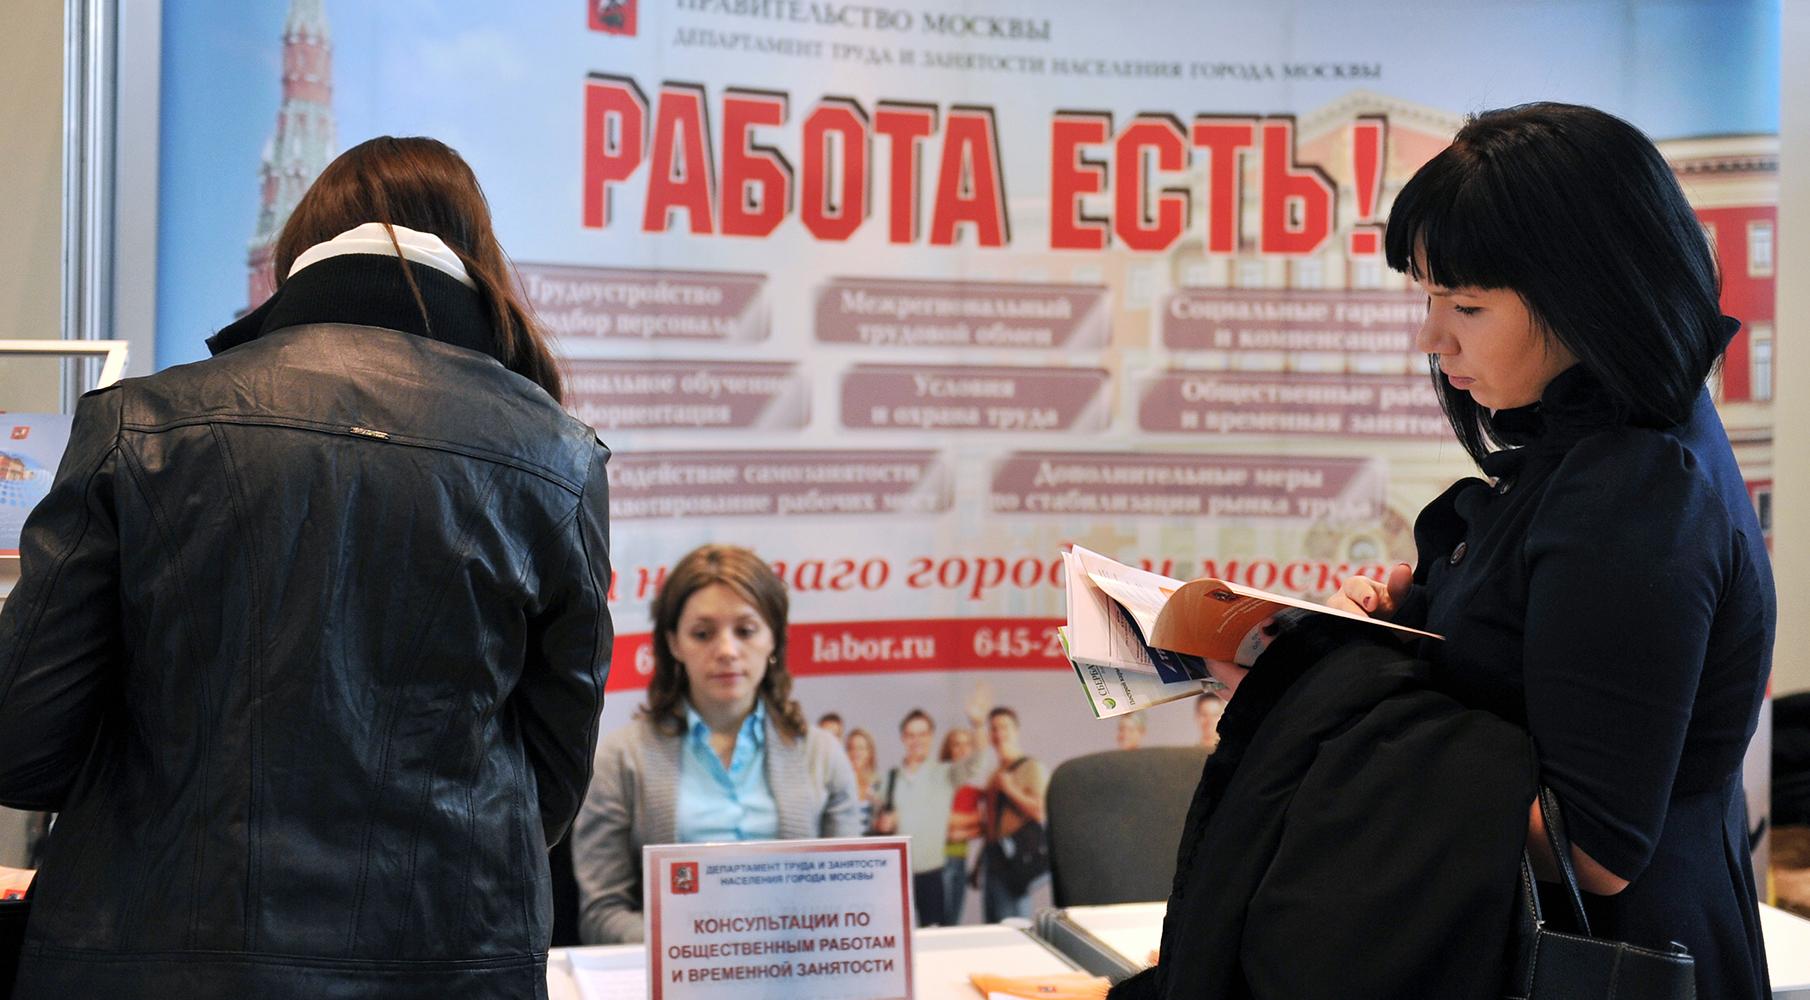 606af84cae5ac92bc9743851 Потребительский манёвр: деловая активность в российской сфере услуг достигла максимума с августа 2020 года